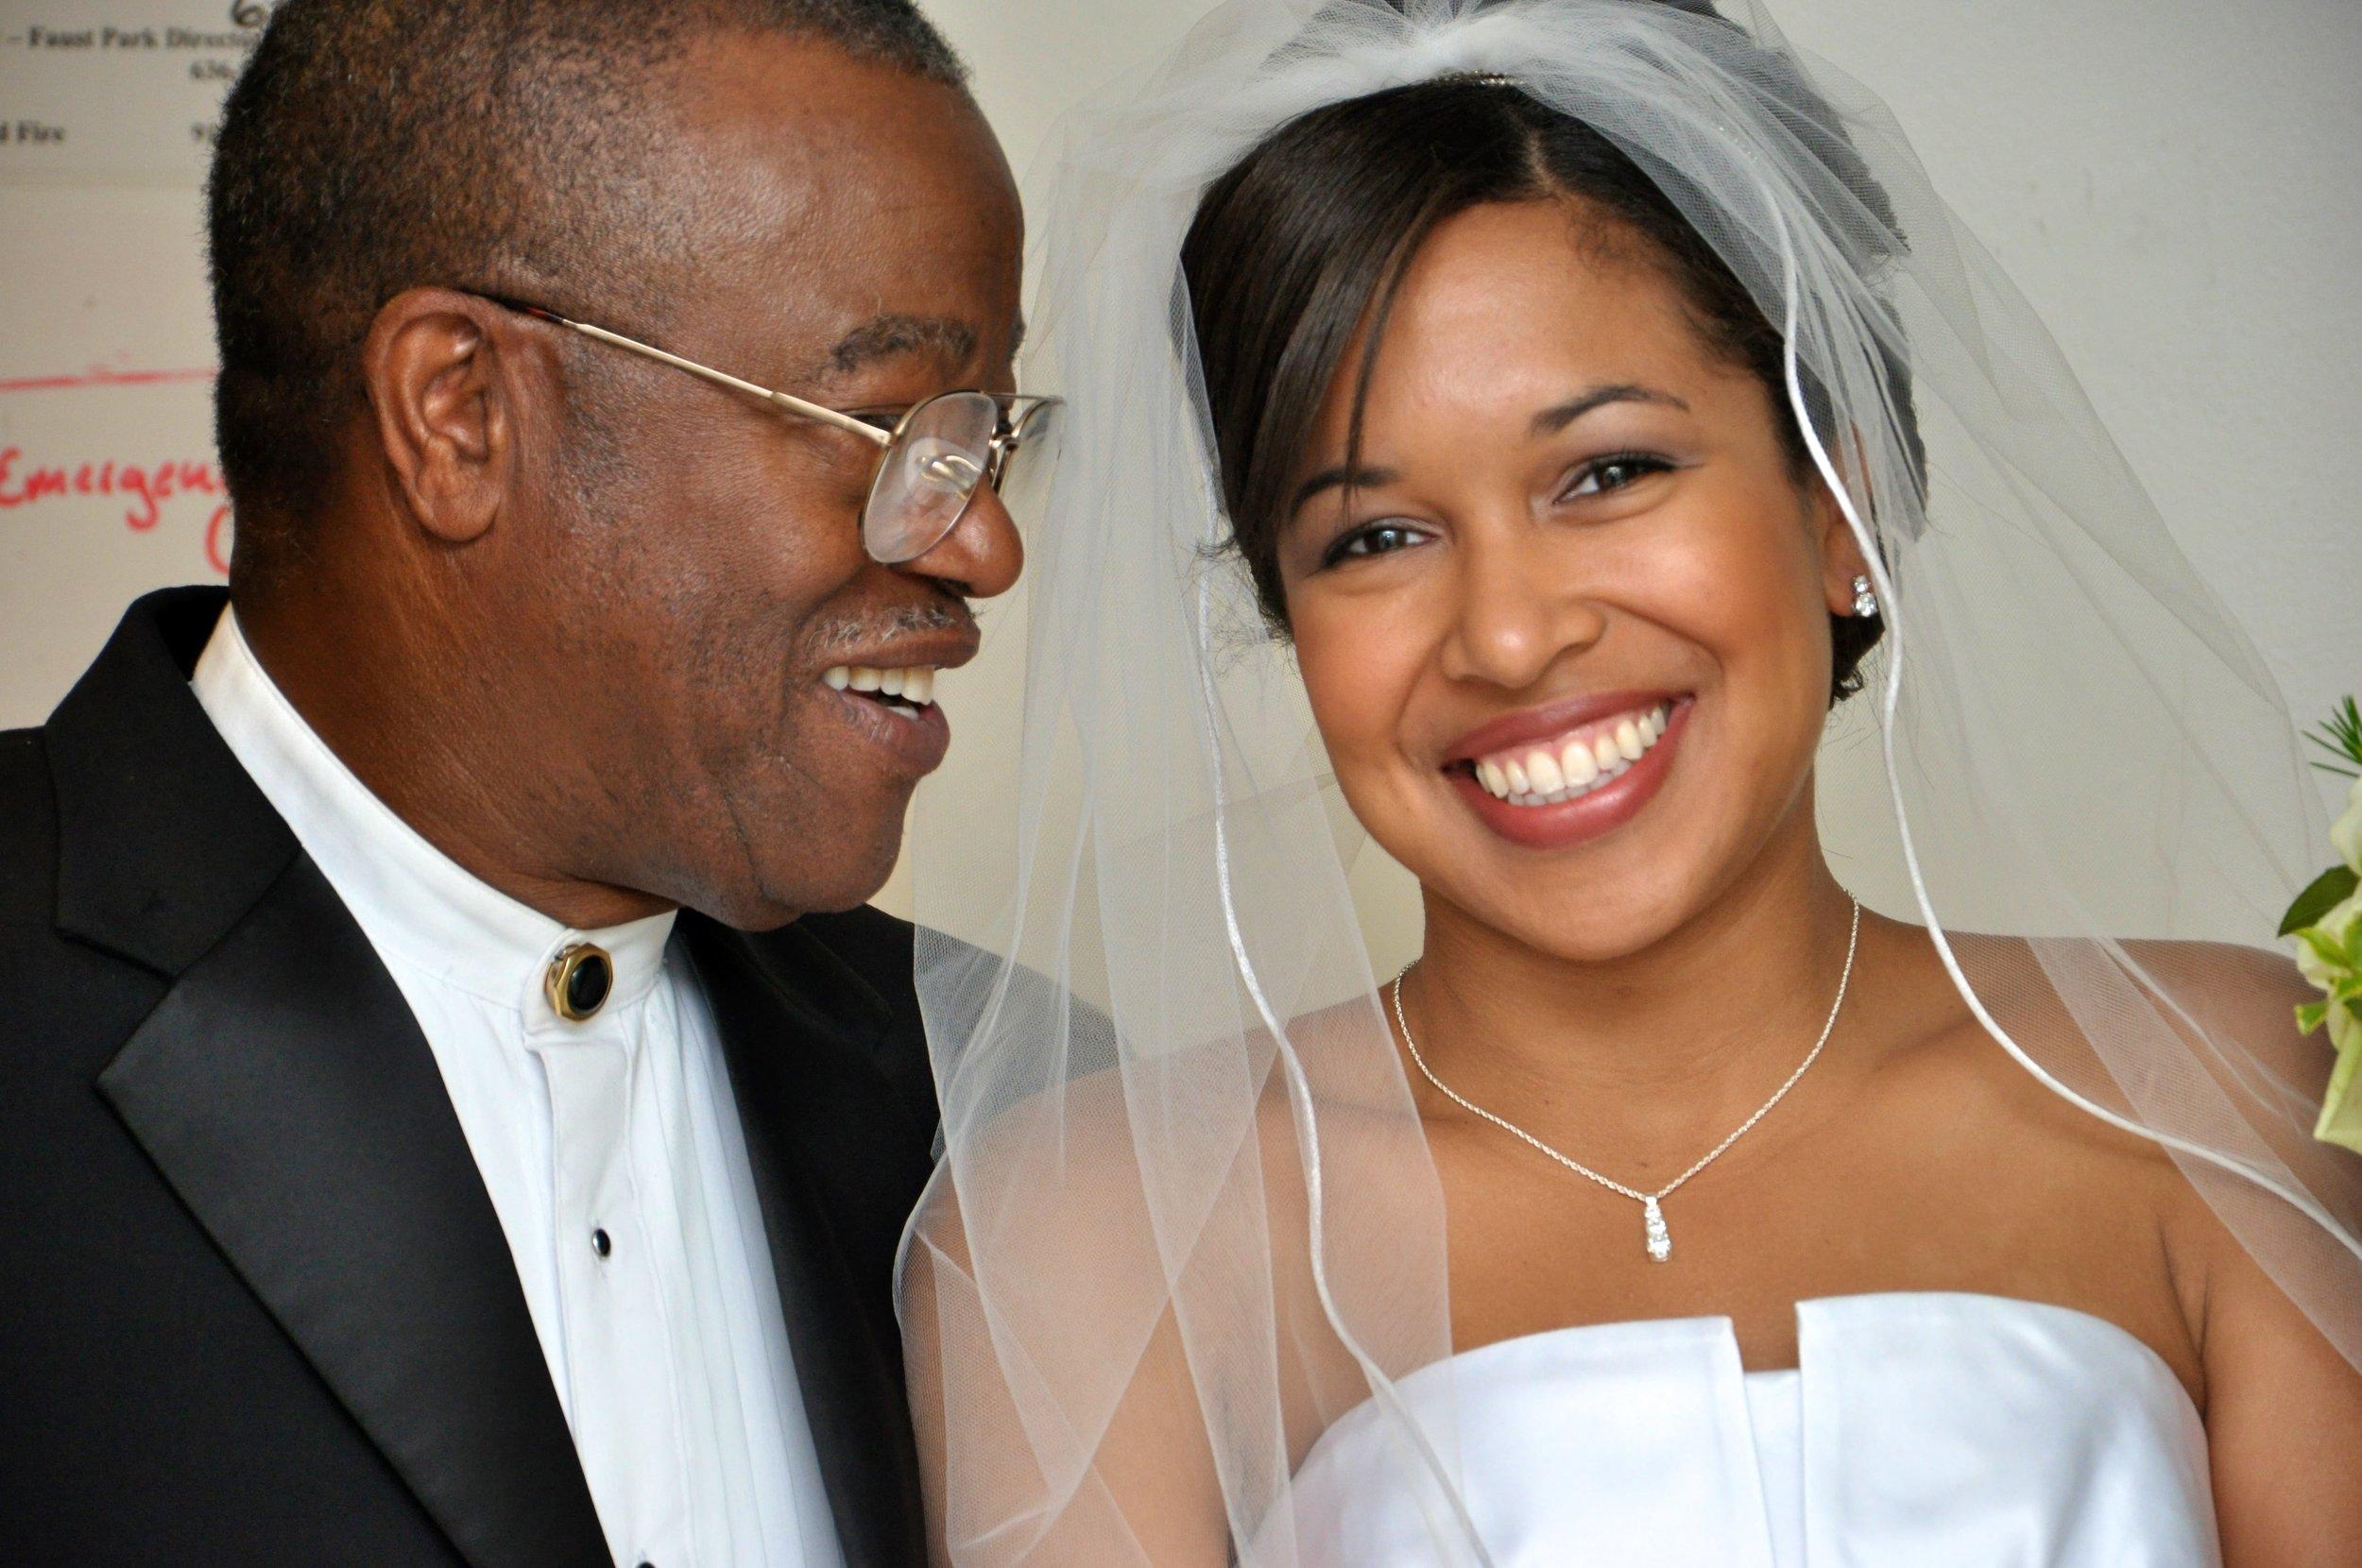 wedding 1-min.jpg